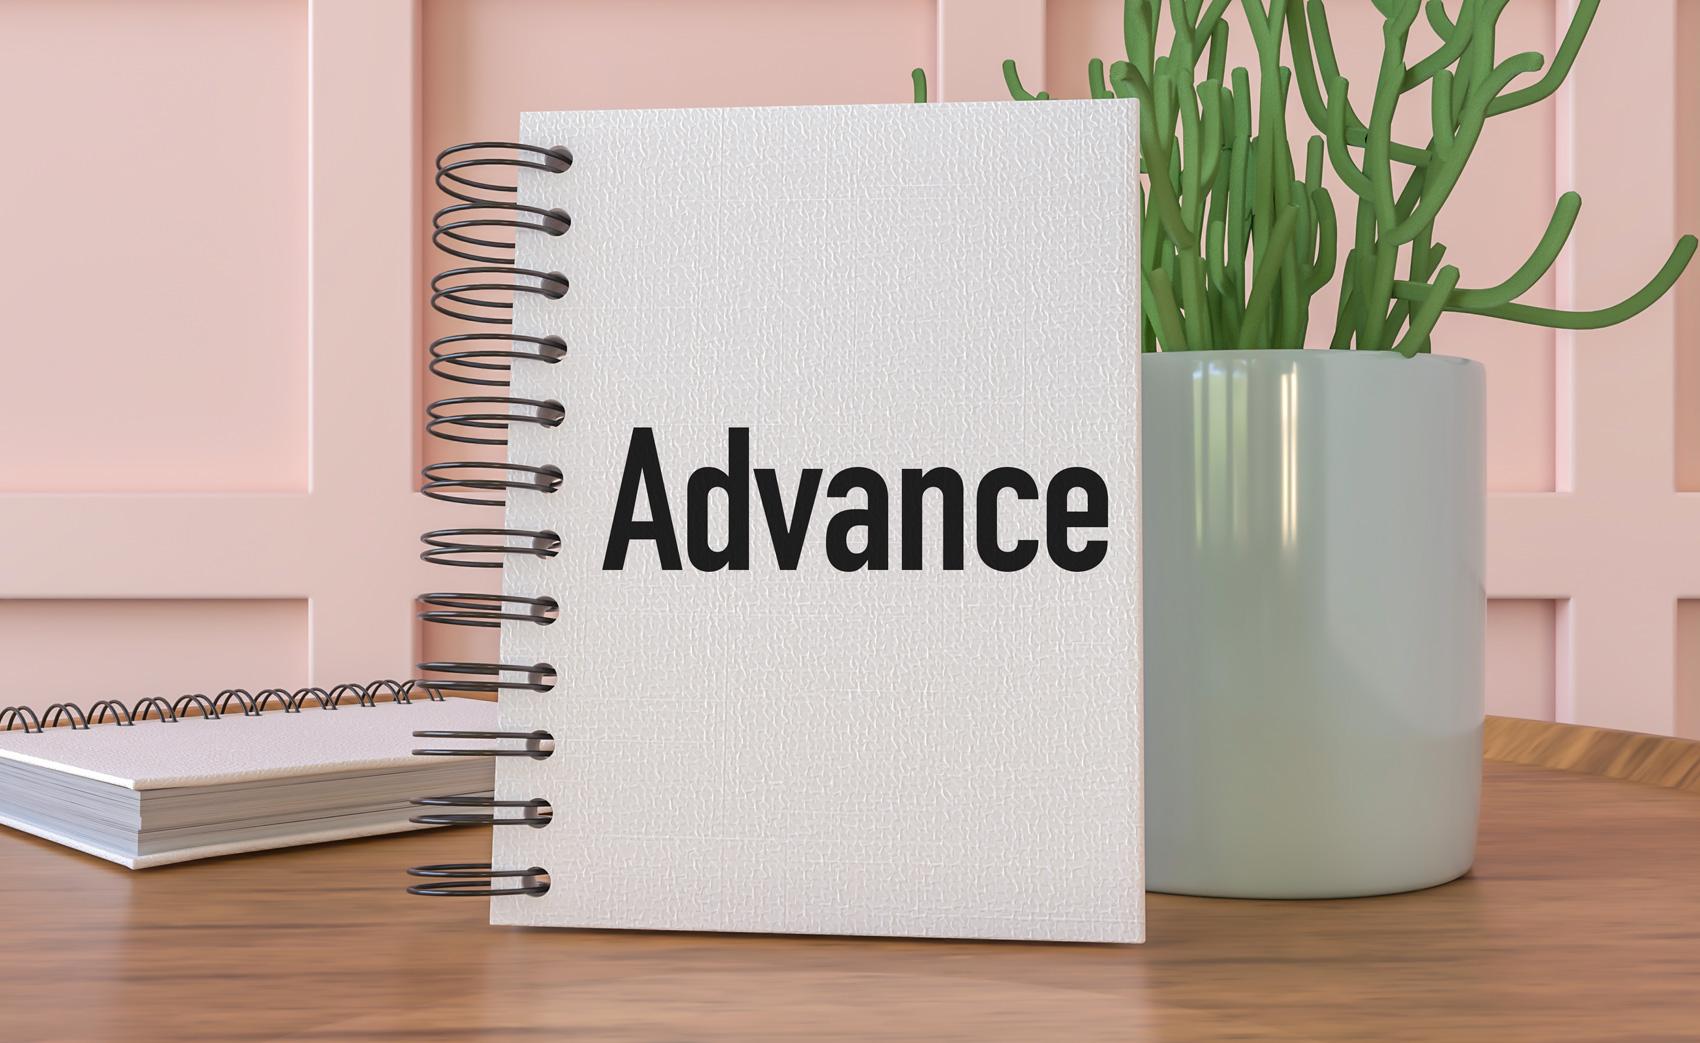 ビジネスに役立つ知識を問う「アドバンスクラス」